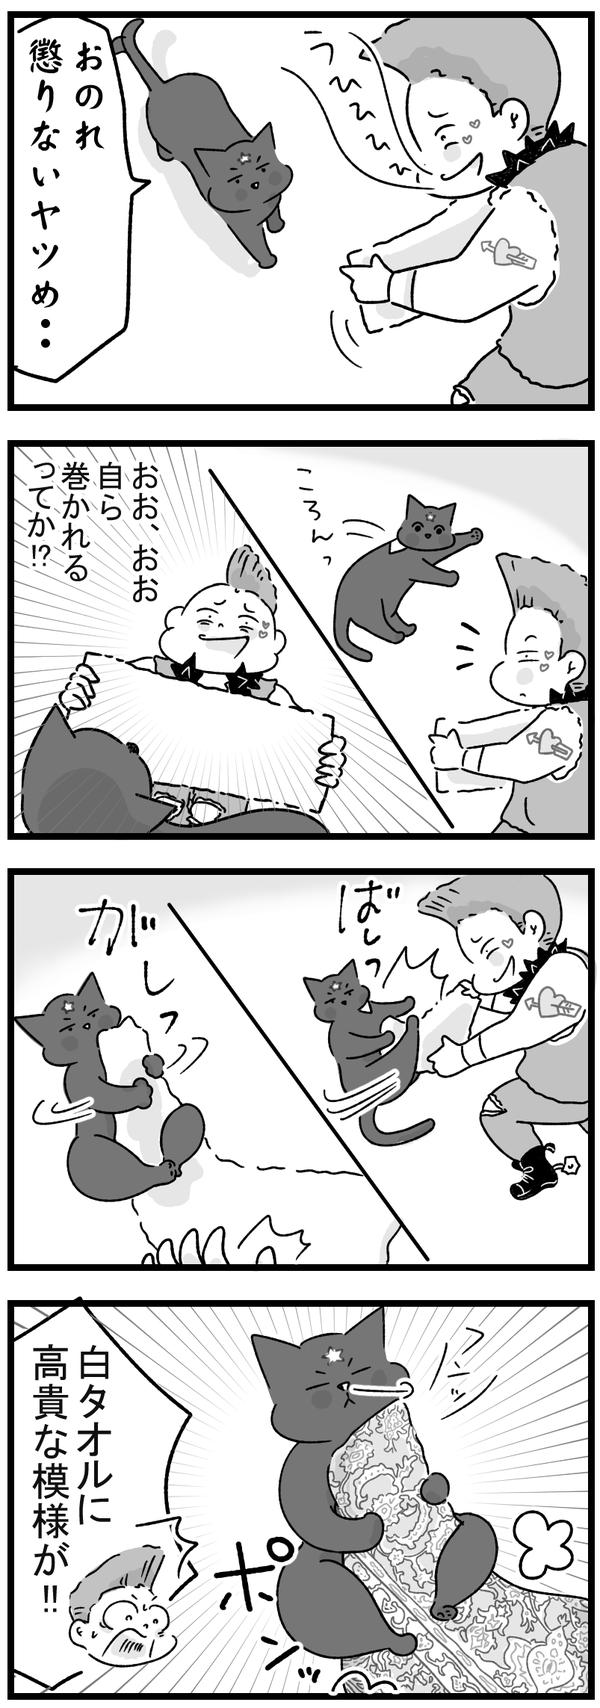 黒猫狩りパワーアップ後1